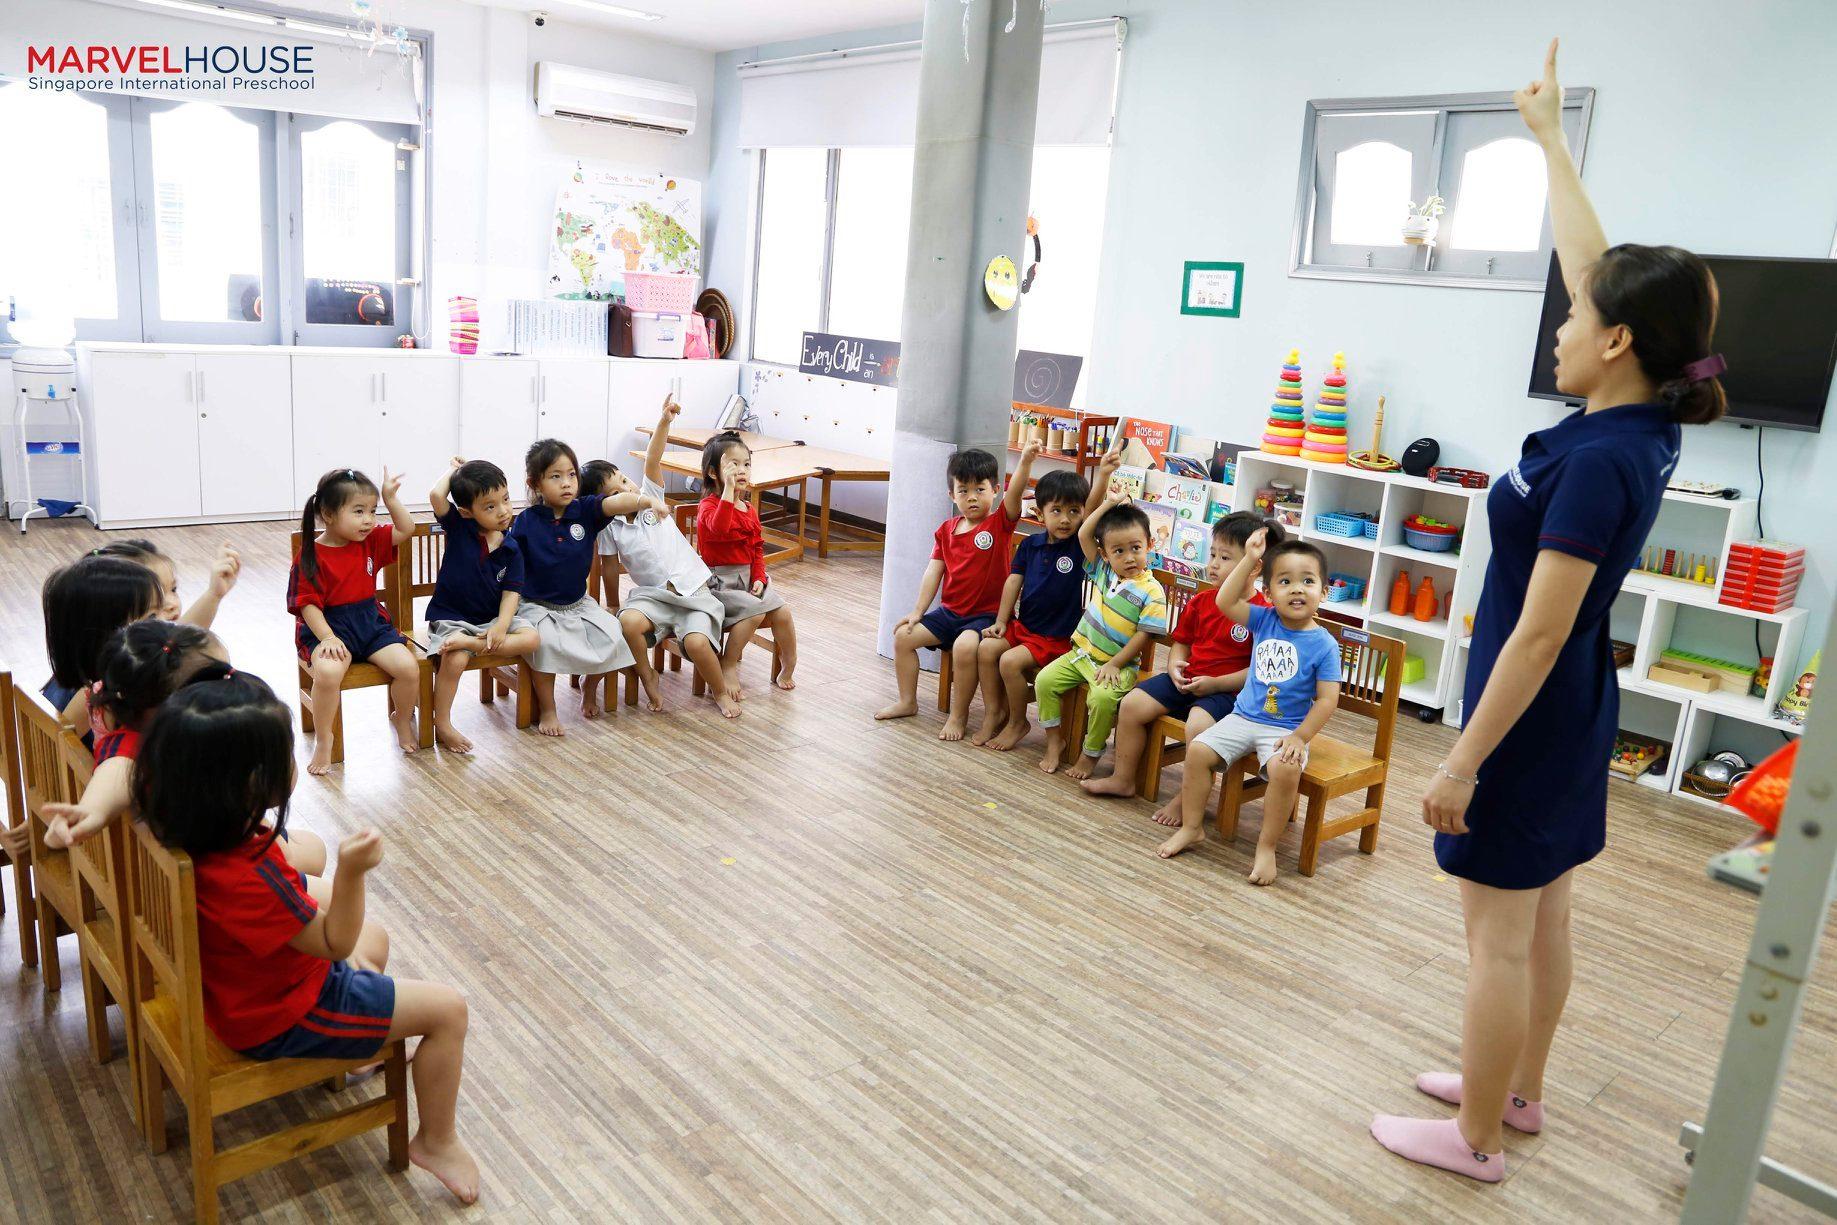 Trường mầm non Ngôi Nhà Kỳ Diệu (Marvel House Singapore International Preschool)